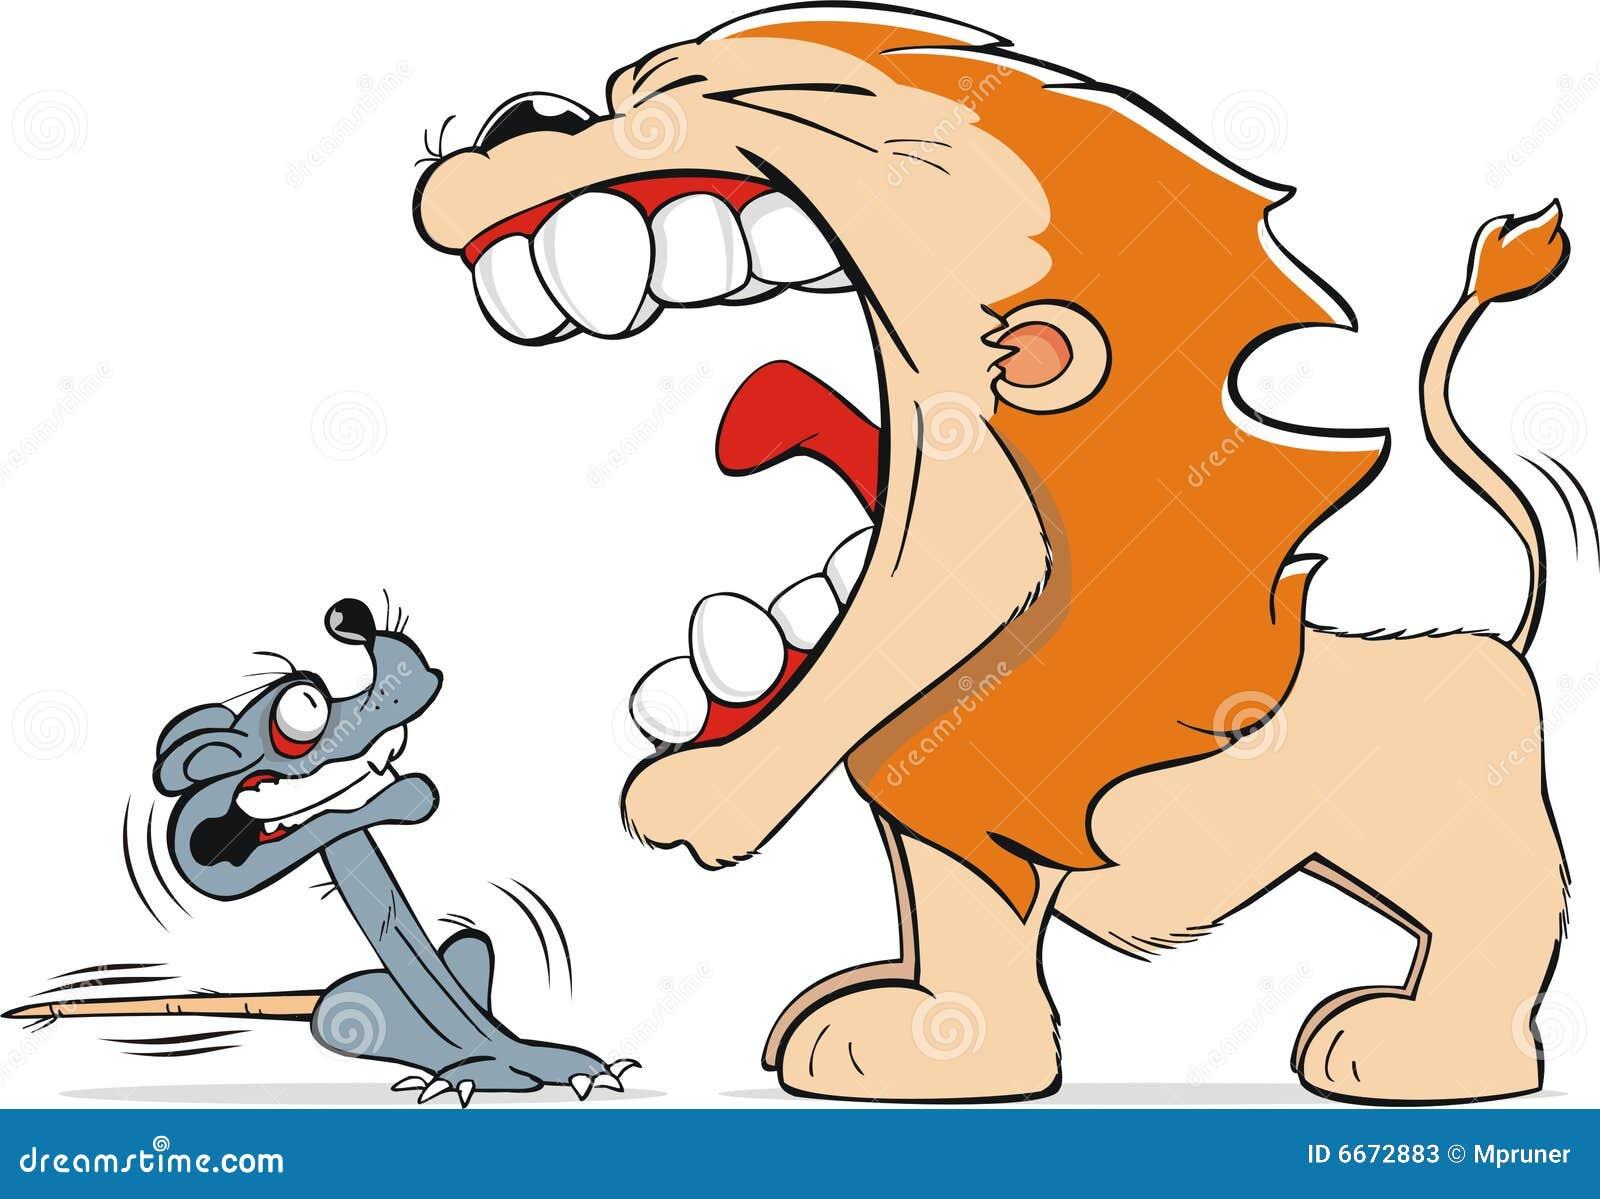 löwe und maus vektor abbildung illustration von ängstlich